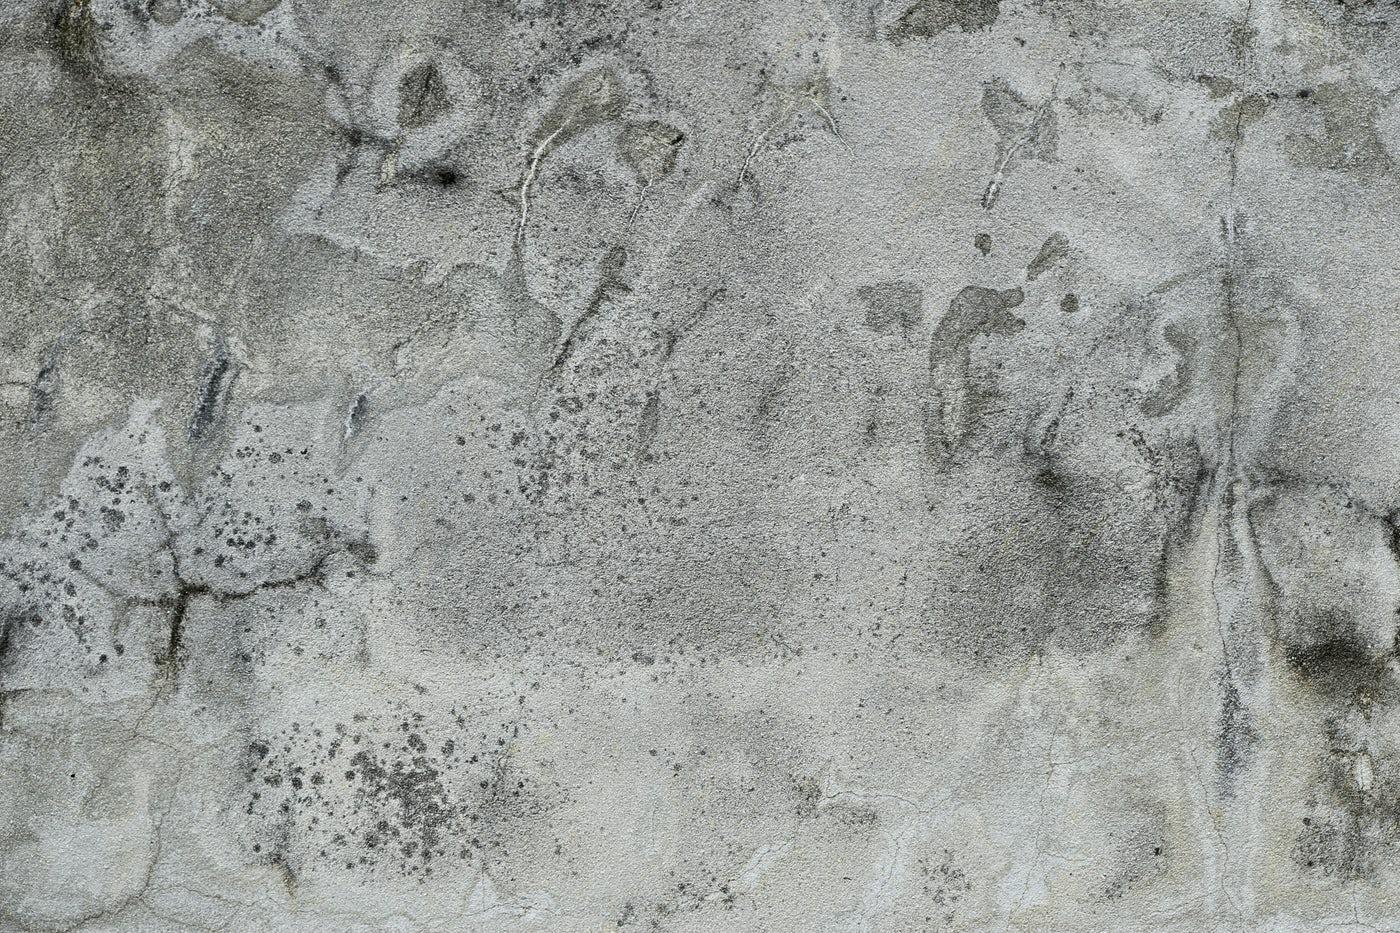 Cracking Concrete: Stock Photos